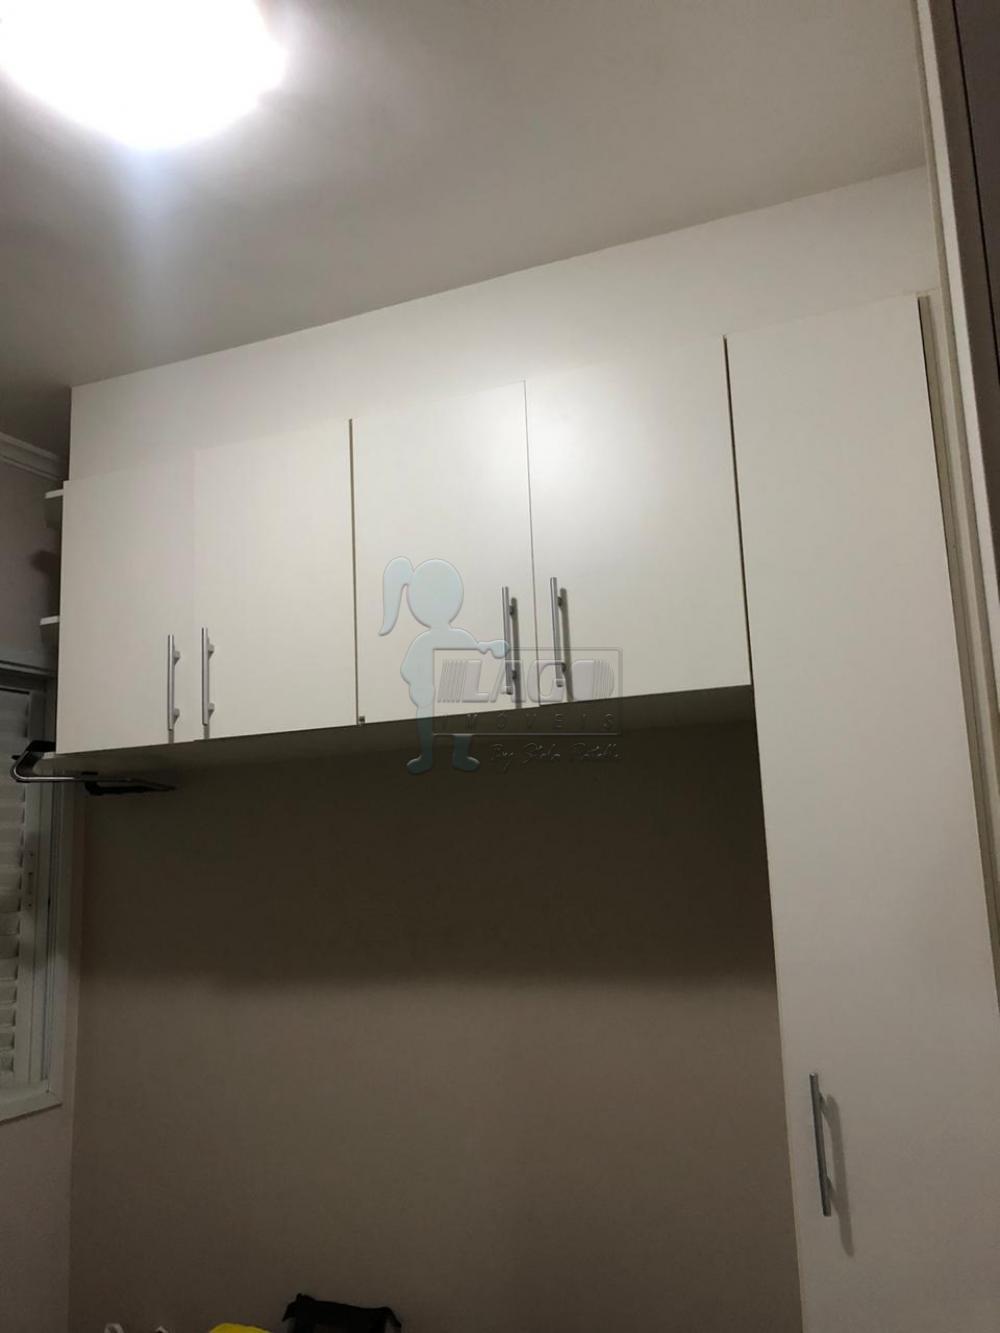 Comprar Casas / Condomínio em Ribeirão Preto apenas R$ 435.000,00 - Foto 10